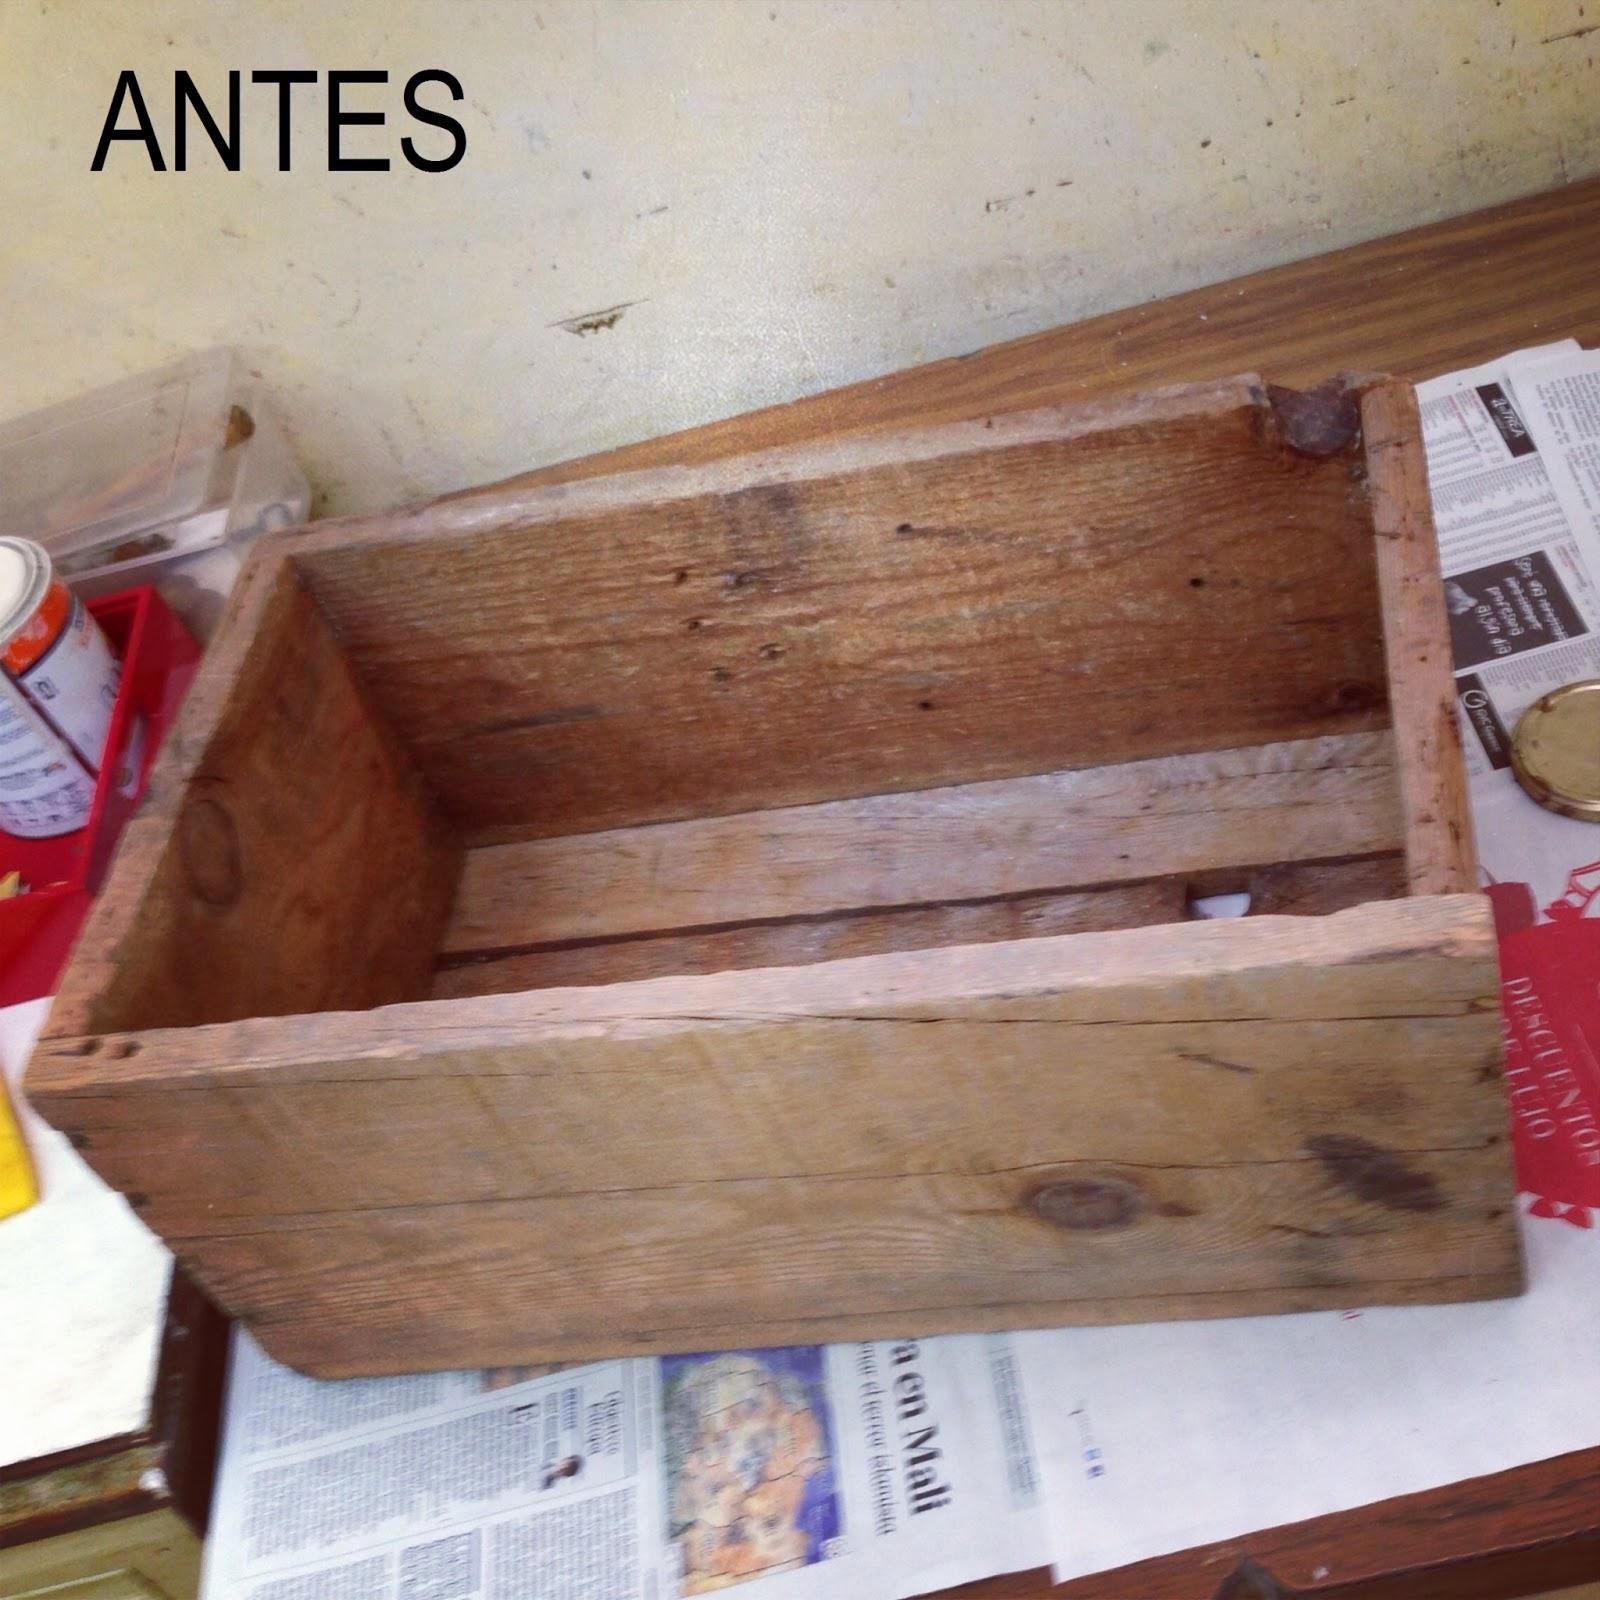 Restaurar cajas de madera 02 mesitas de noche rojosill n - Mesitas de noche en madera ...